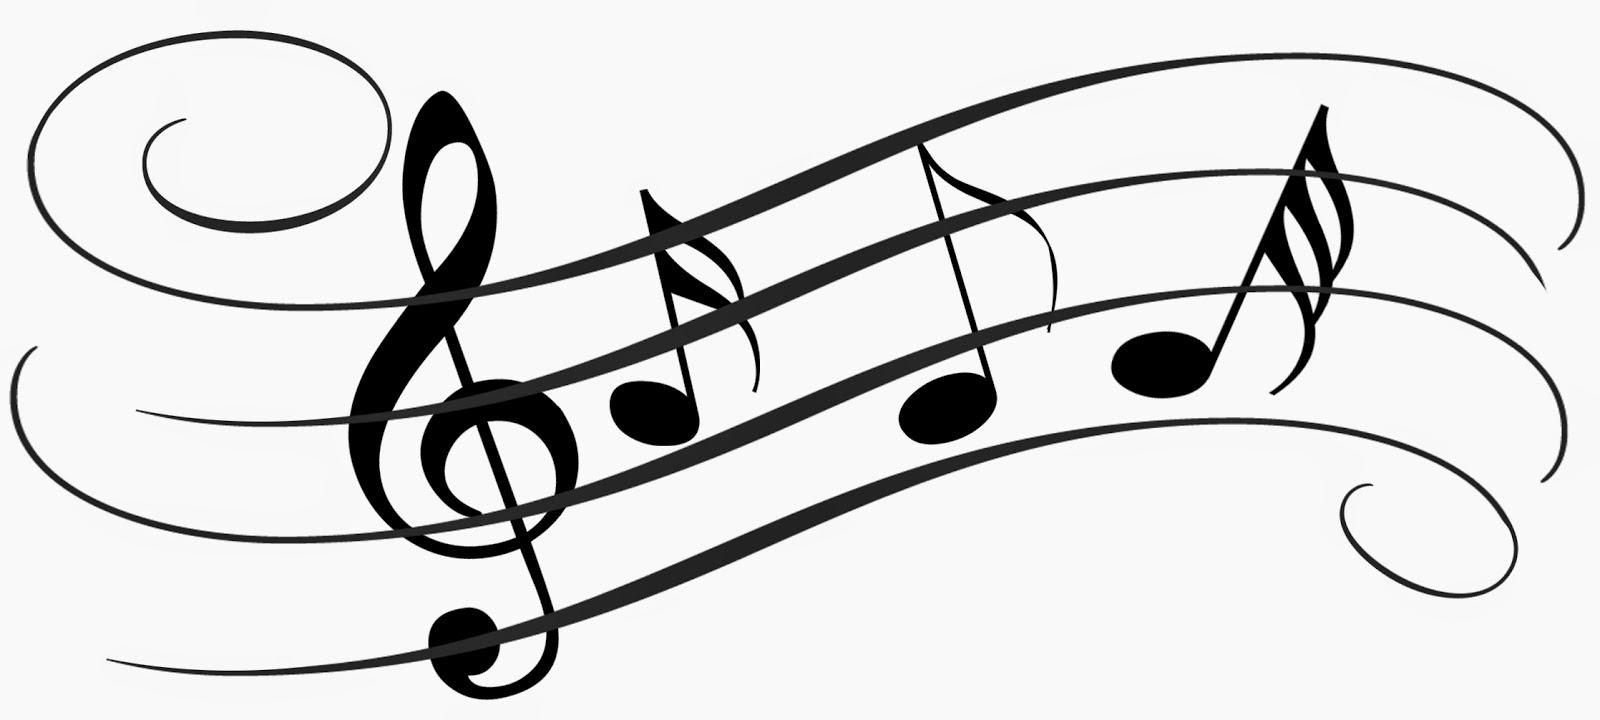 5 Aplikasi pemutar musik android Terbaik dan banyak di download